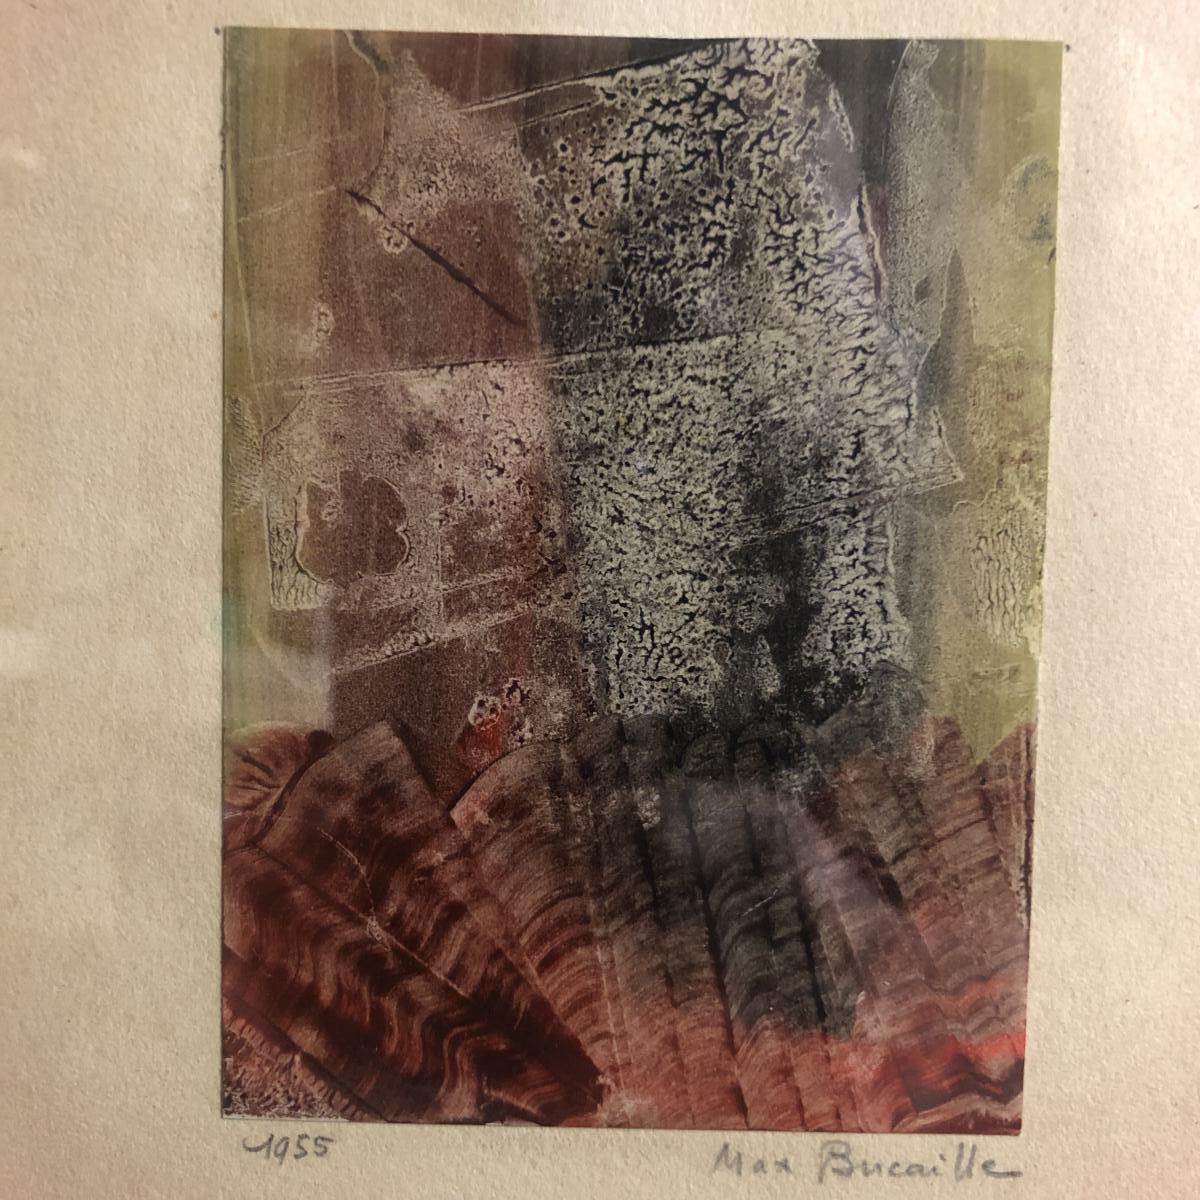 Max BUCAILLE 1906-1996 Composition surréaliste Aquarelle 1955 Surréalisme